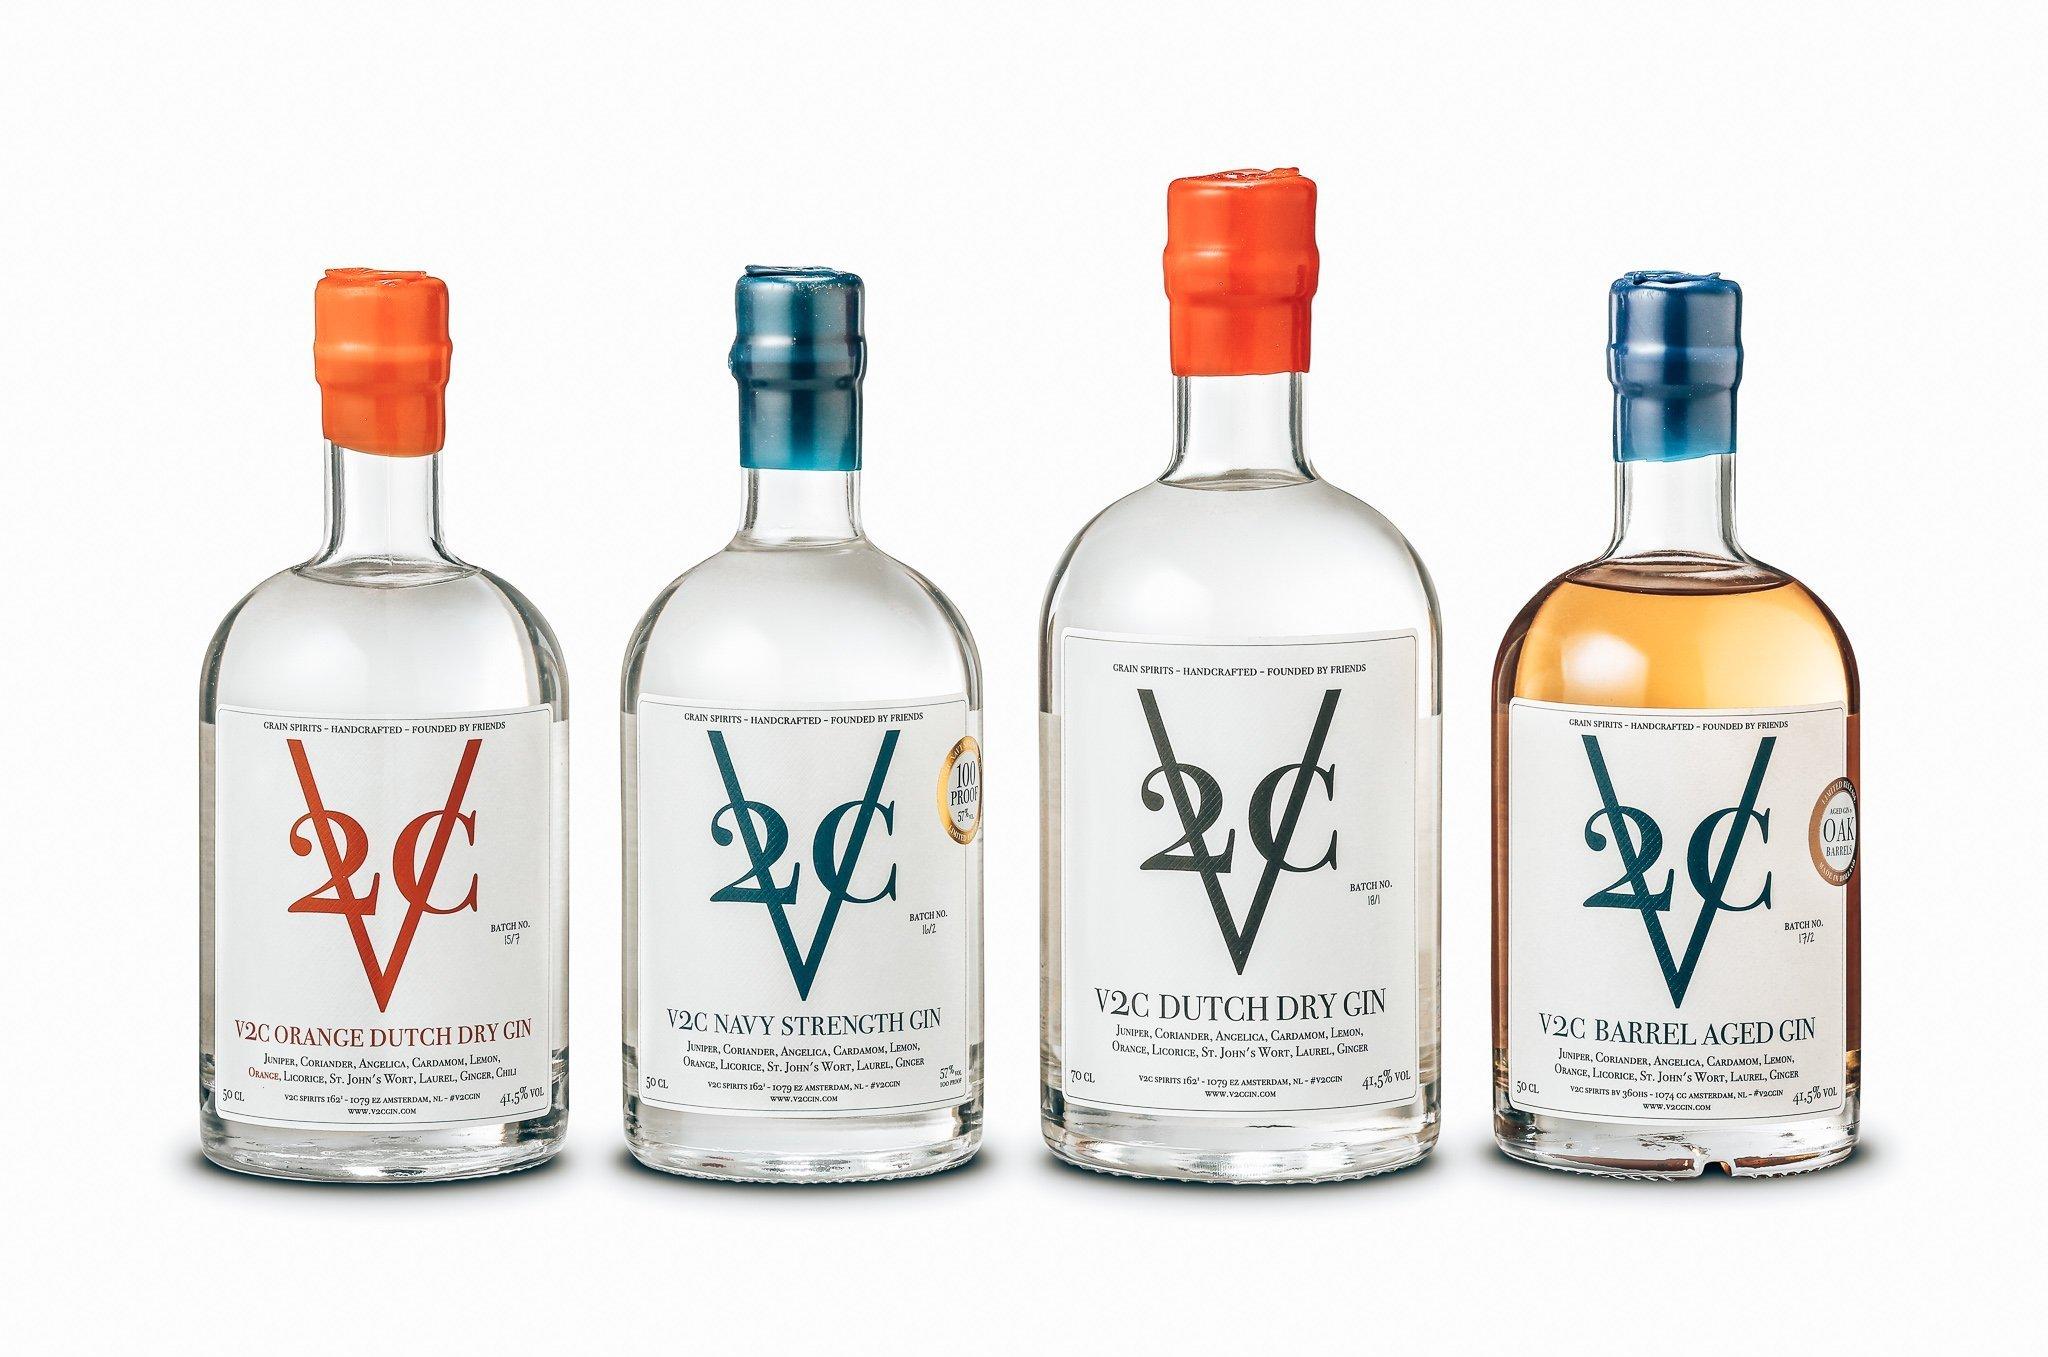 V2C Gin range, Alles over gin.